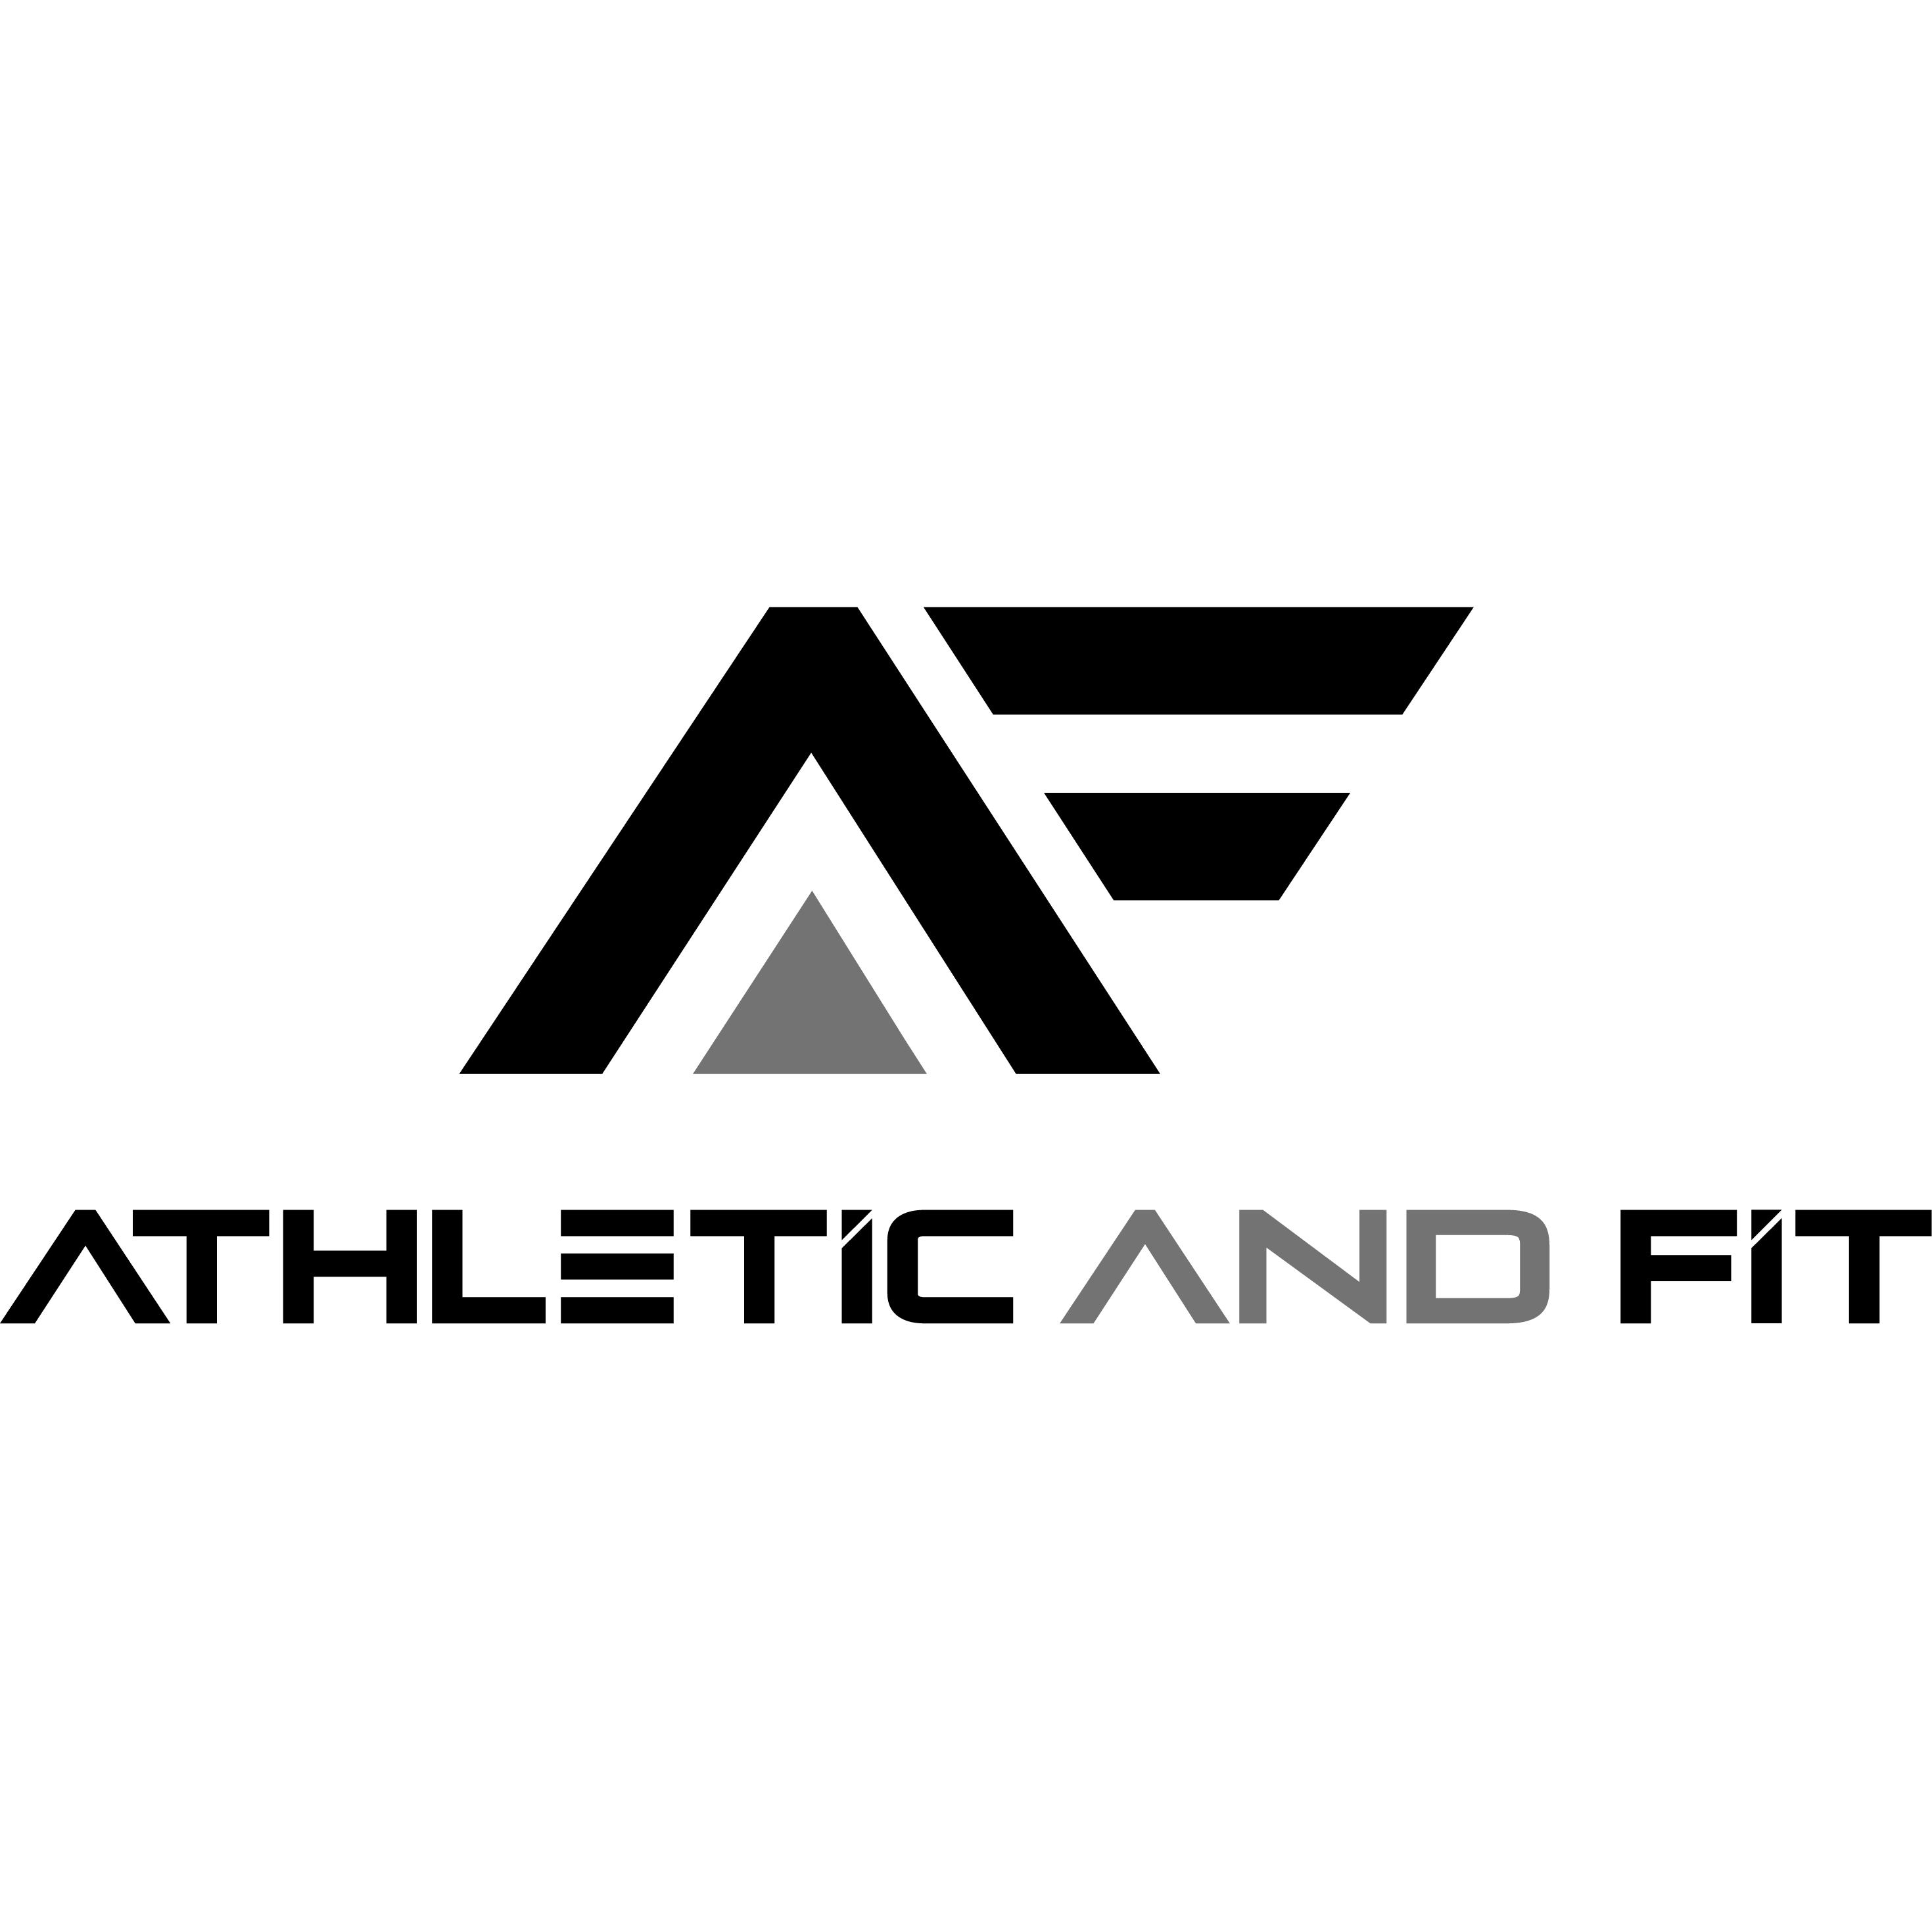 ATHLETIC AF